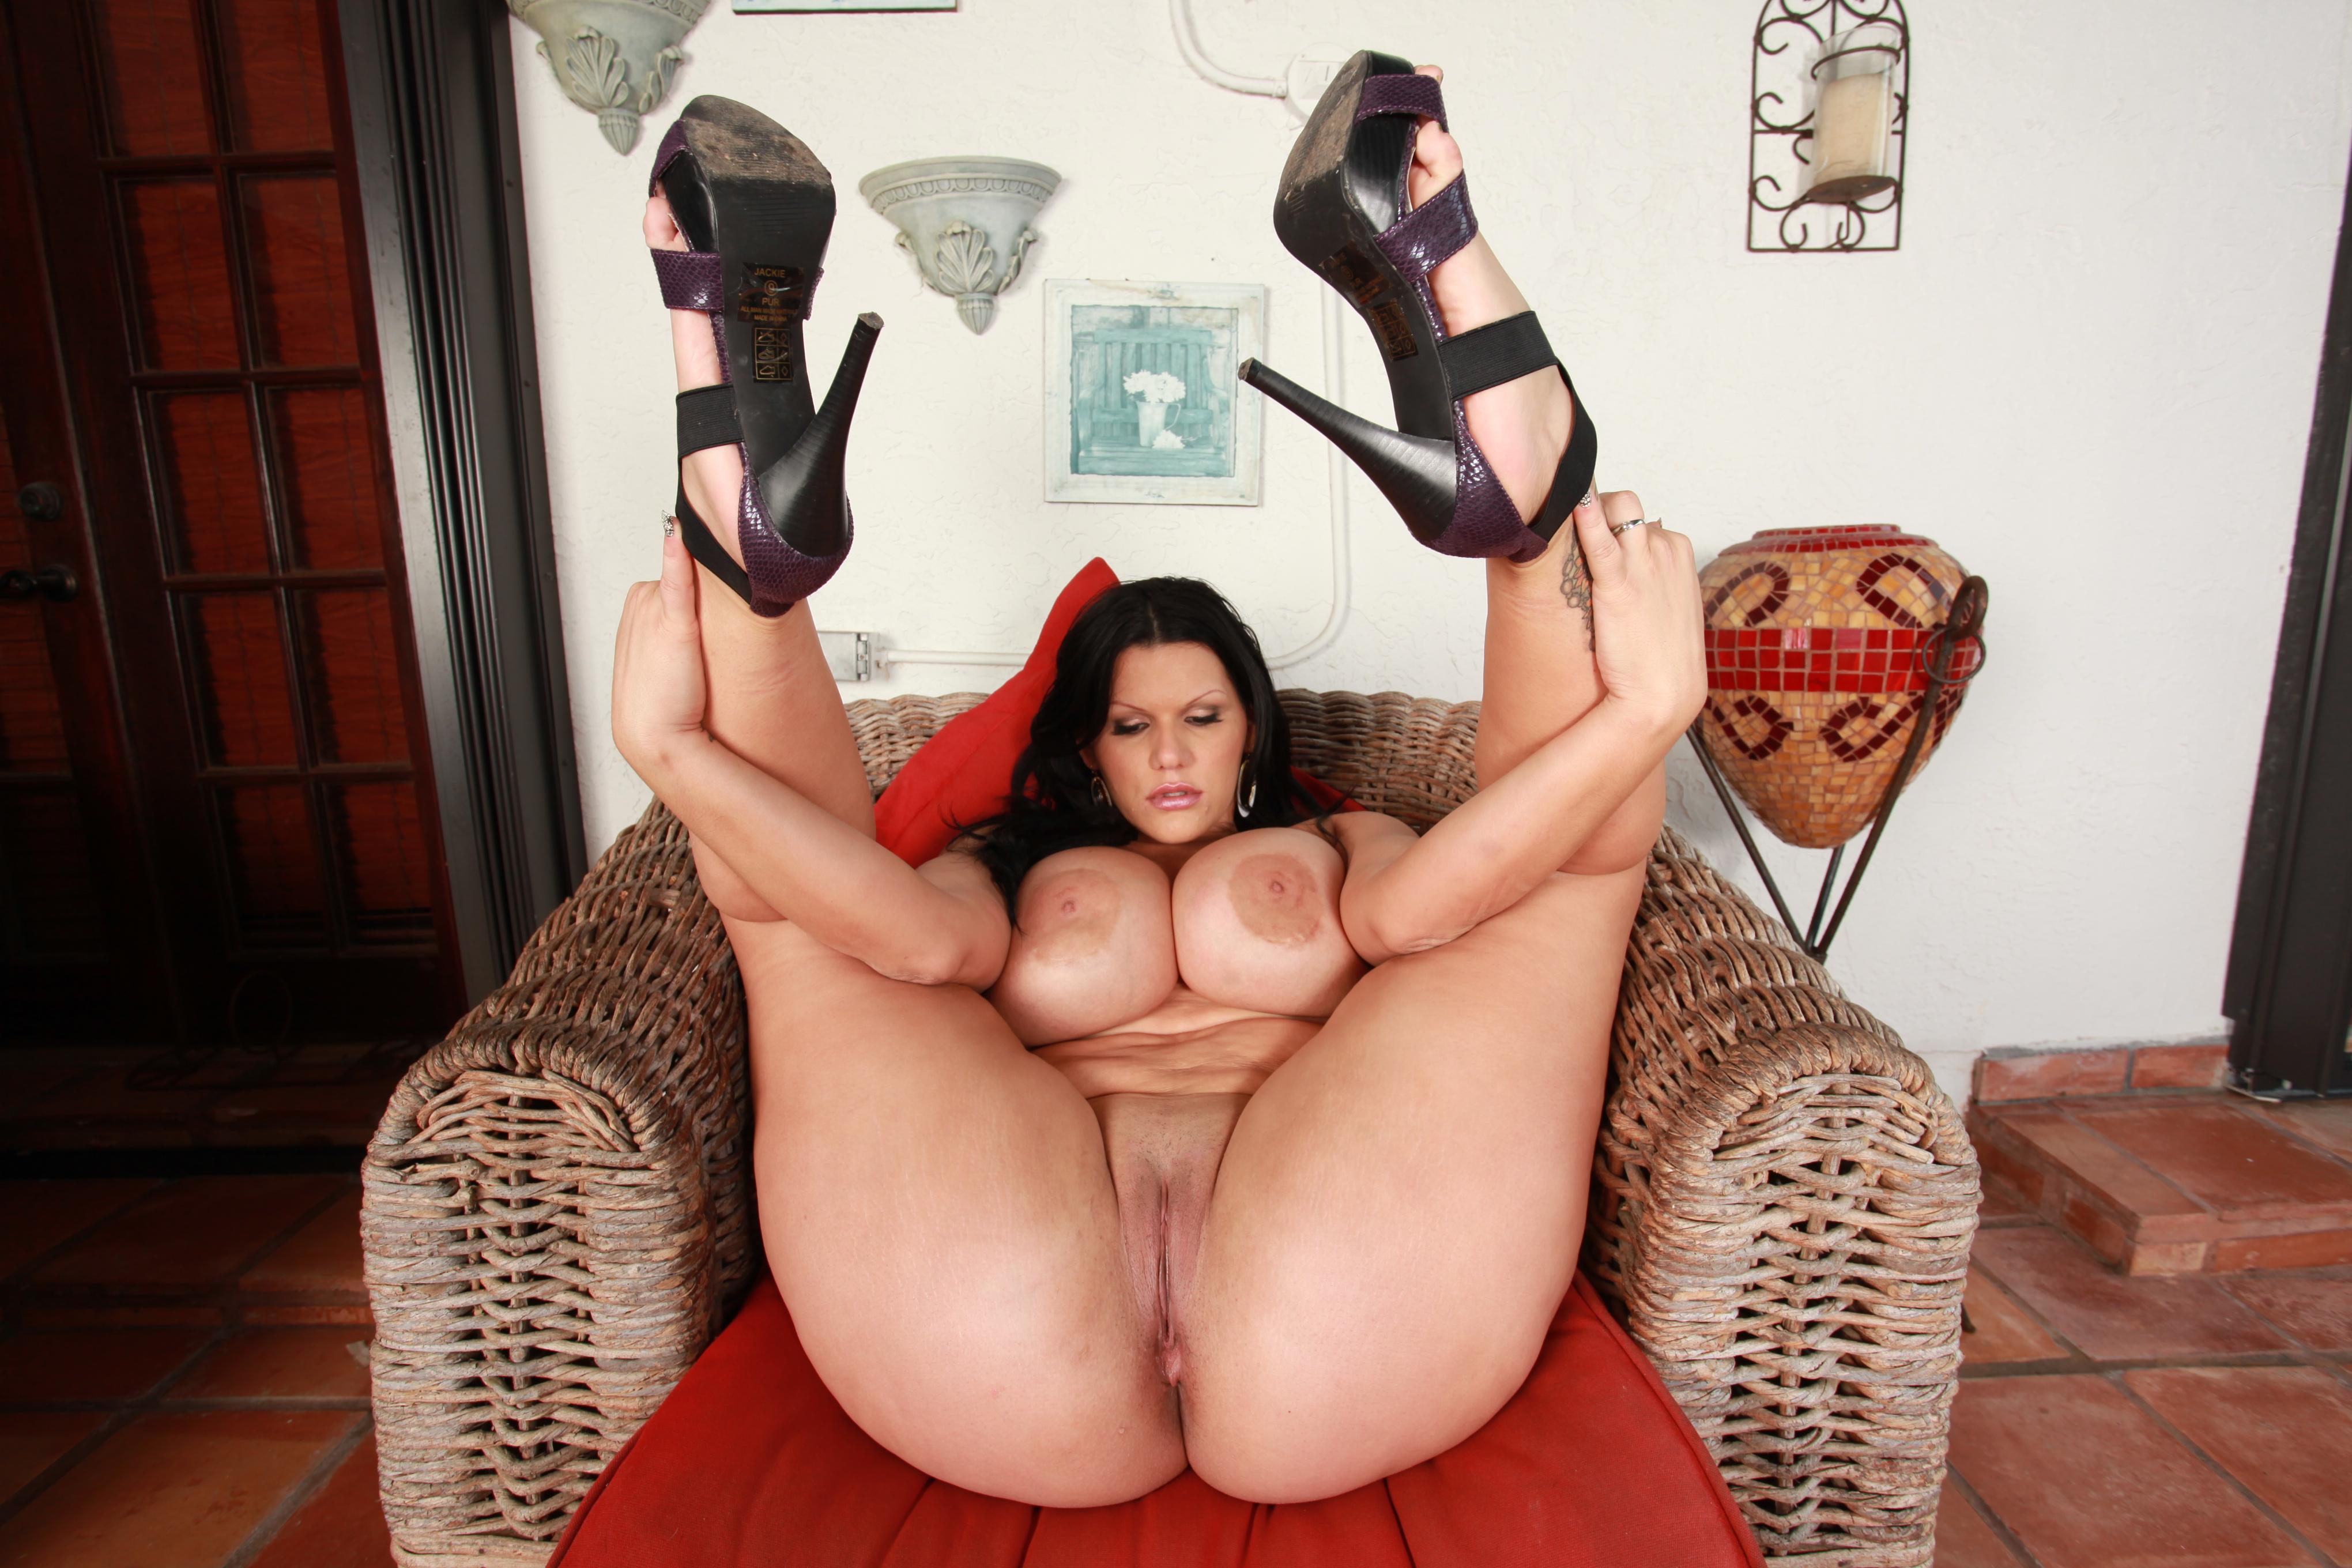 Толстые фото бляди порно, Голые жирные бабы - фото жирных женщин и девушек 10 фотография